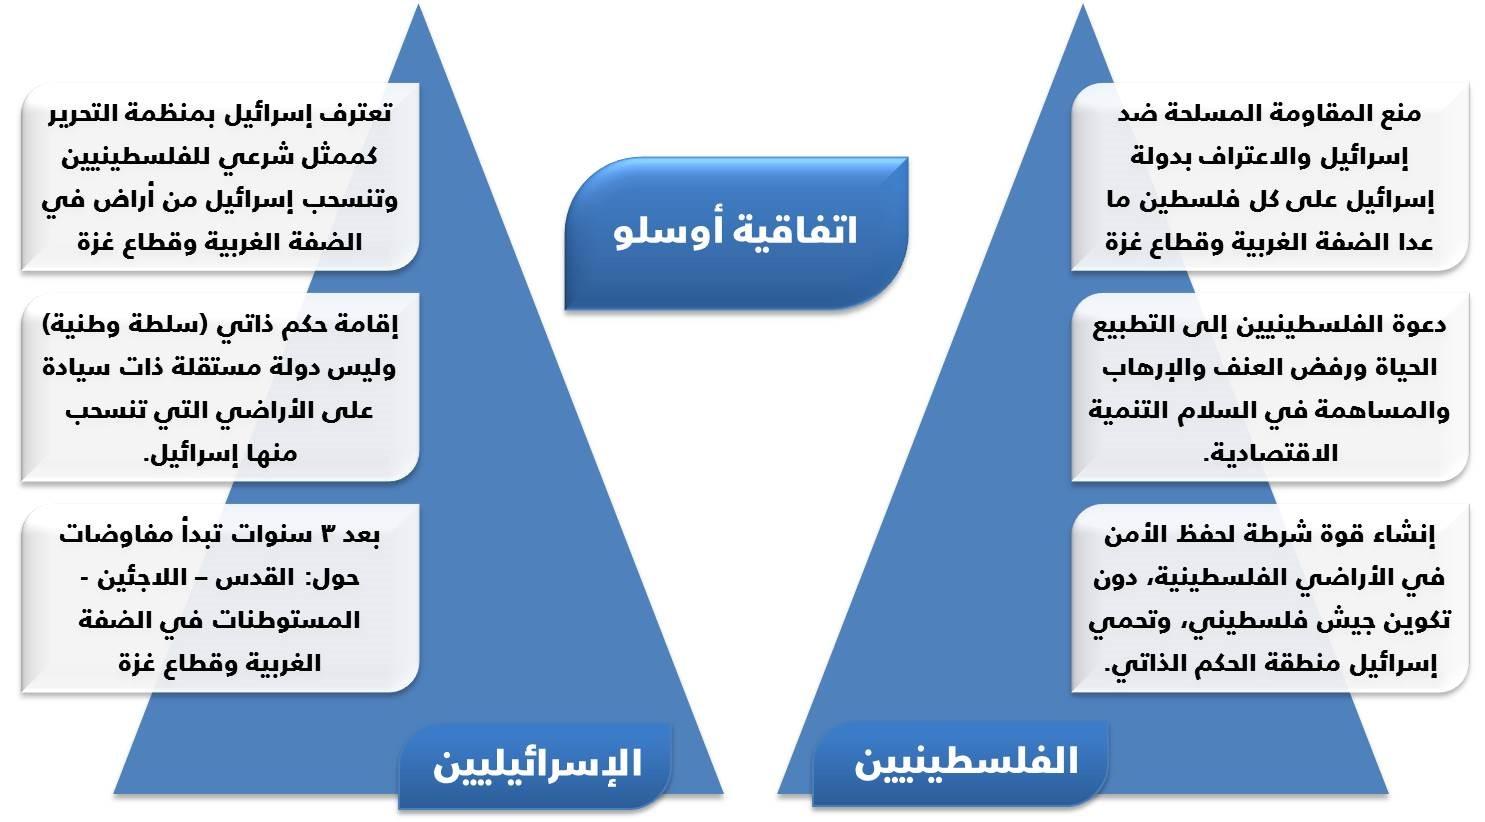 اتفاقية أوسلو, إسرائيل, فلسطين